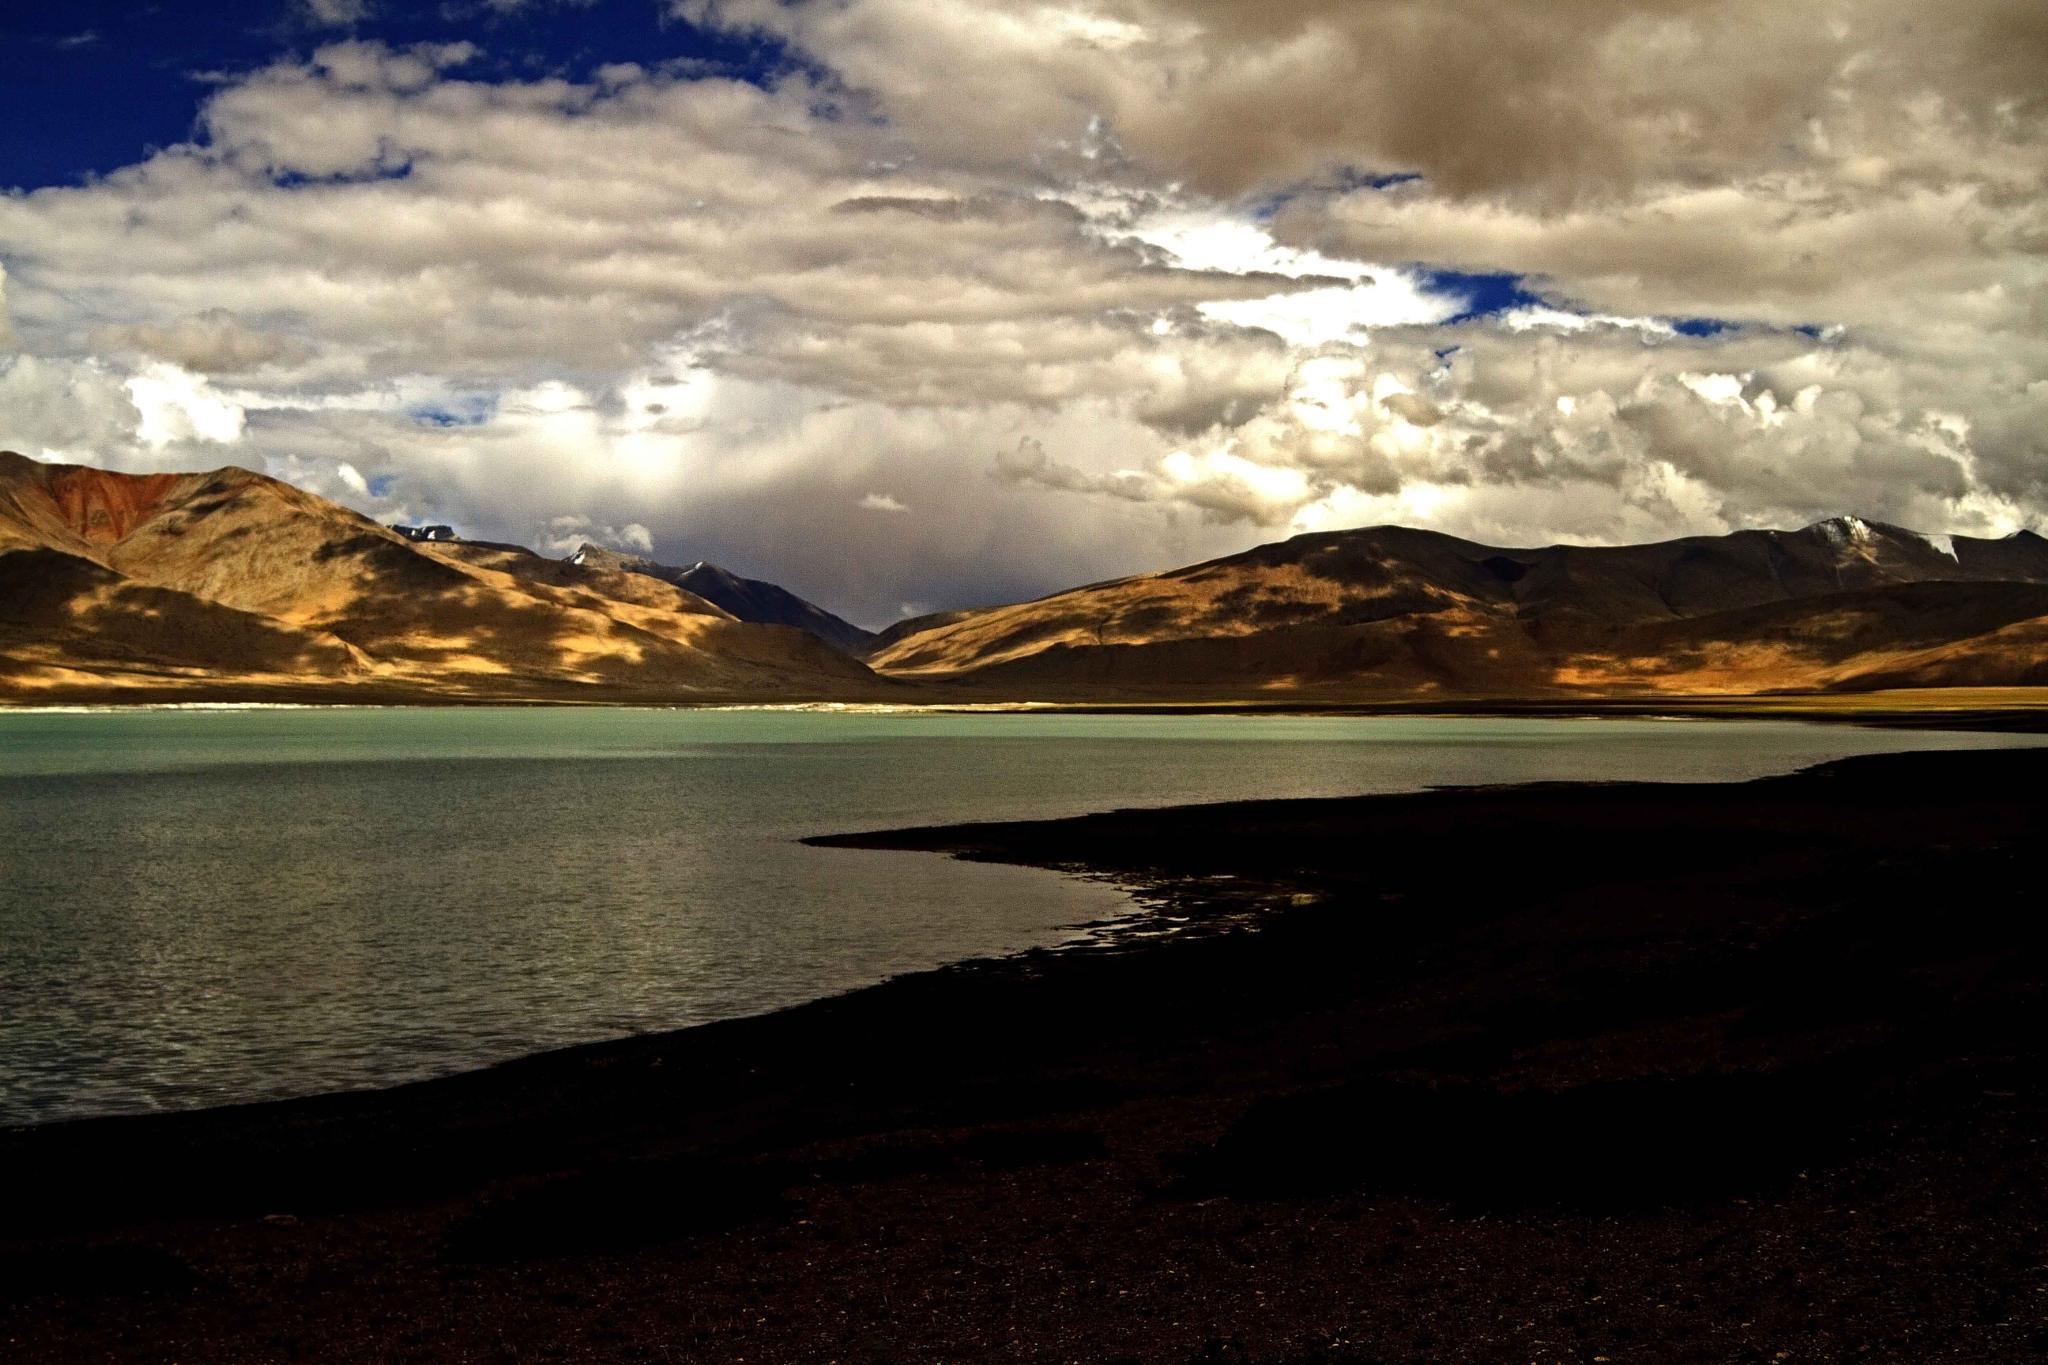 tso-kar lake by guran60